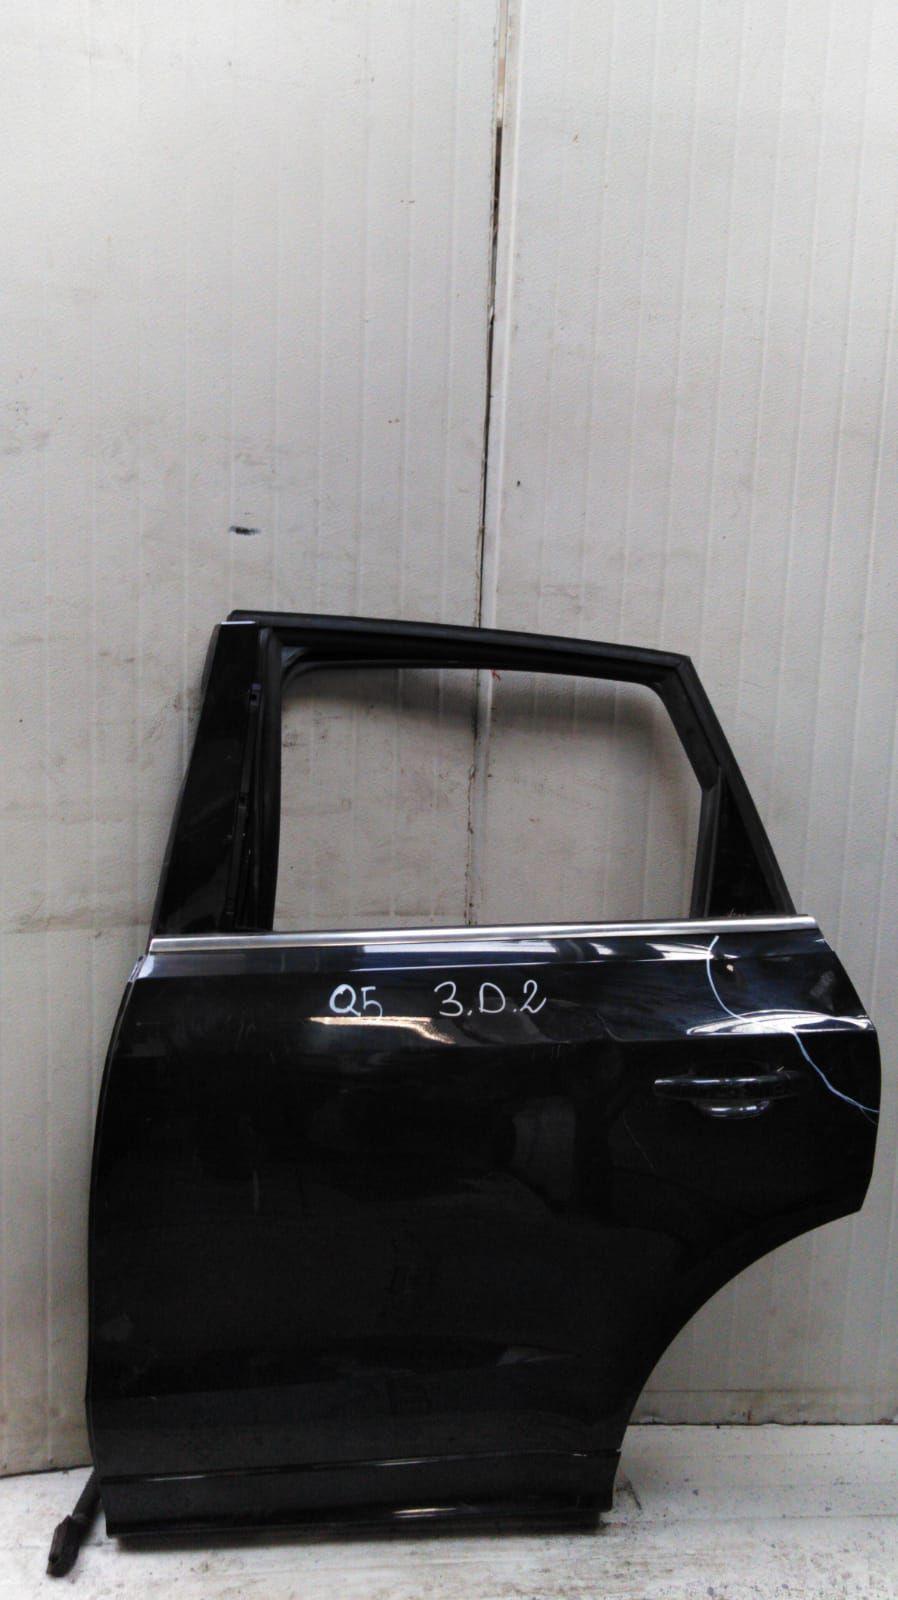 PORTIERA POSTERIORE SINISTRA AUDI Q5 1° Serie 2000 Diesel  (2009) RICAMBI USATI